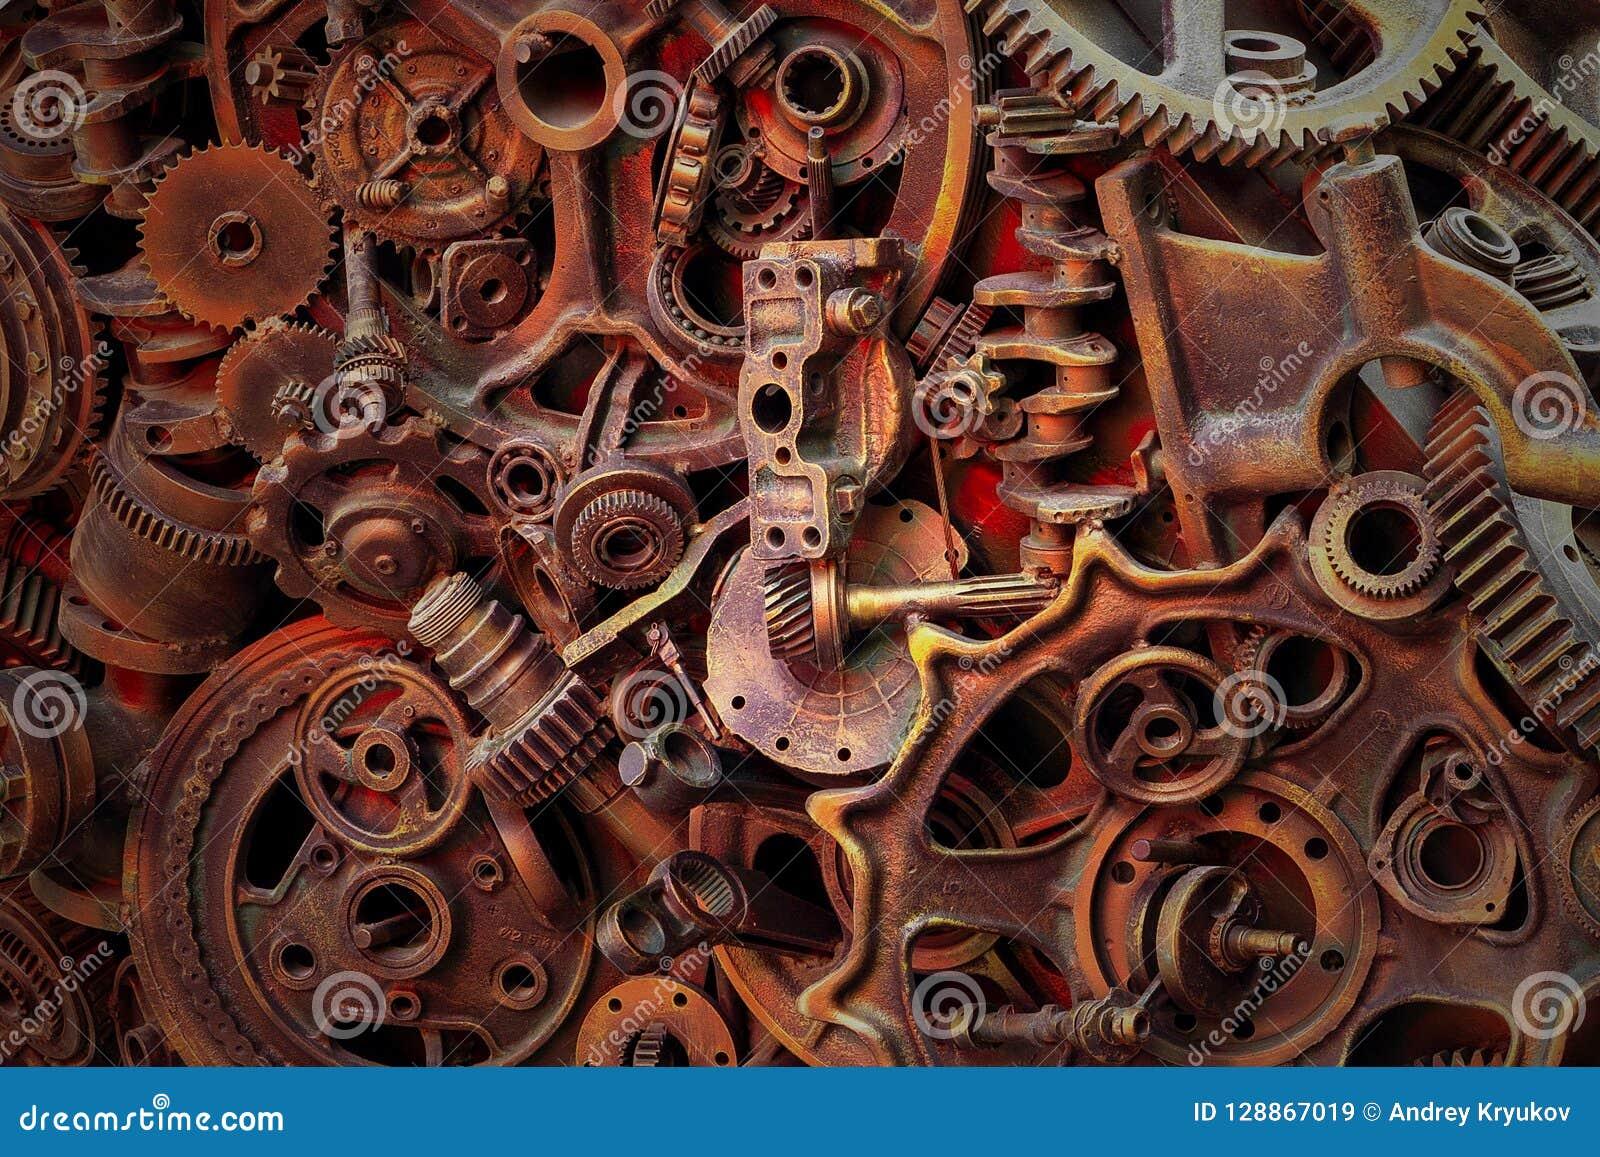 Steampunkachtergrond, machinedelen, grote toestellen en kettingen van machines en tractoren